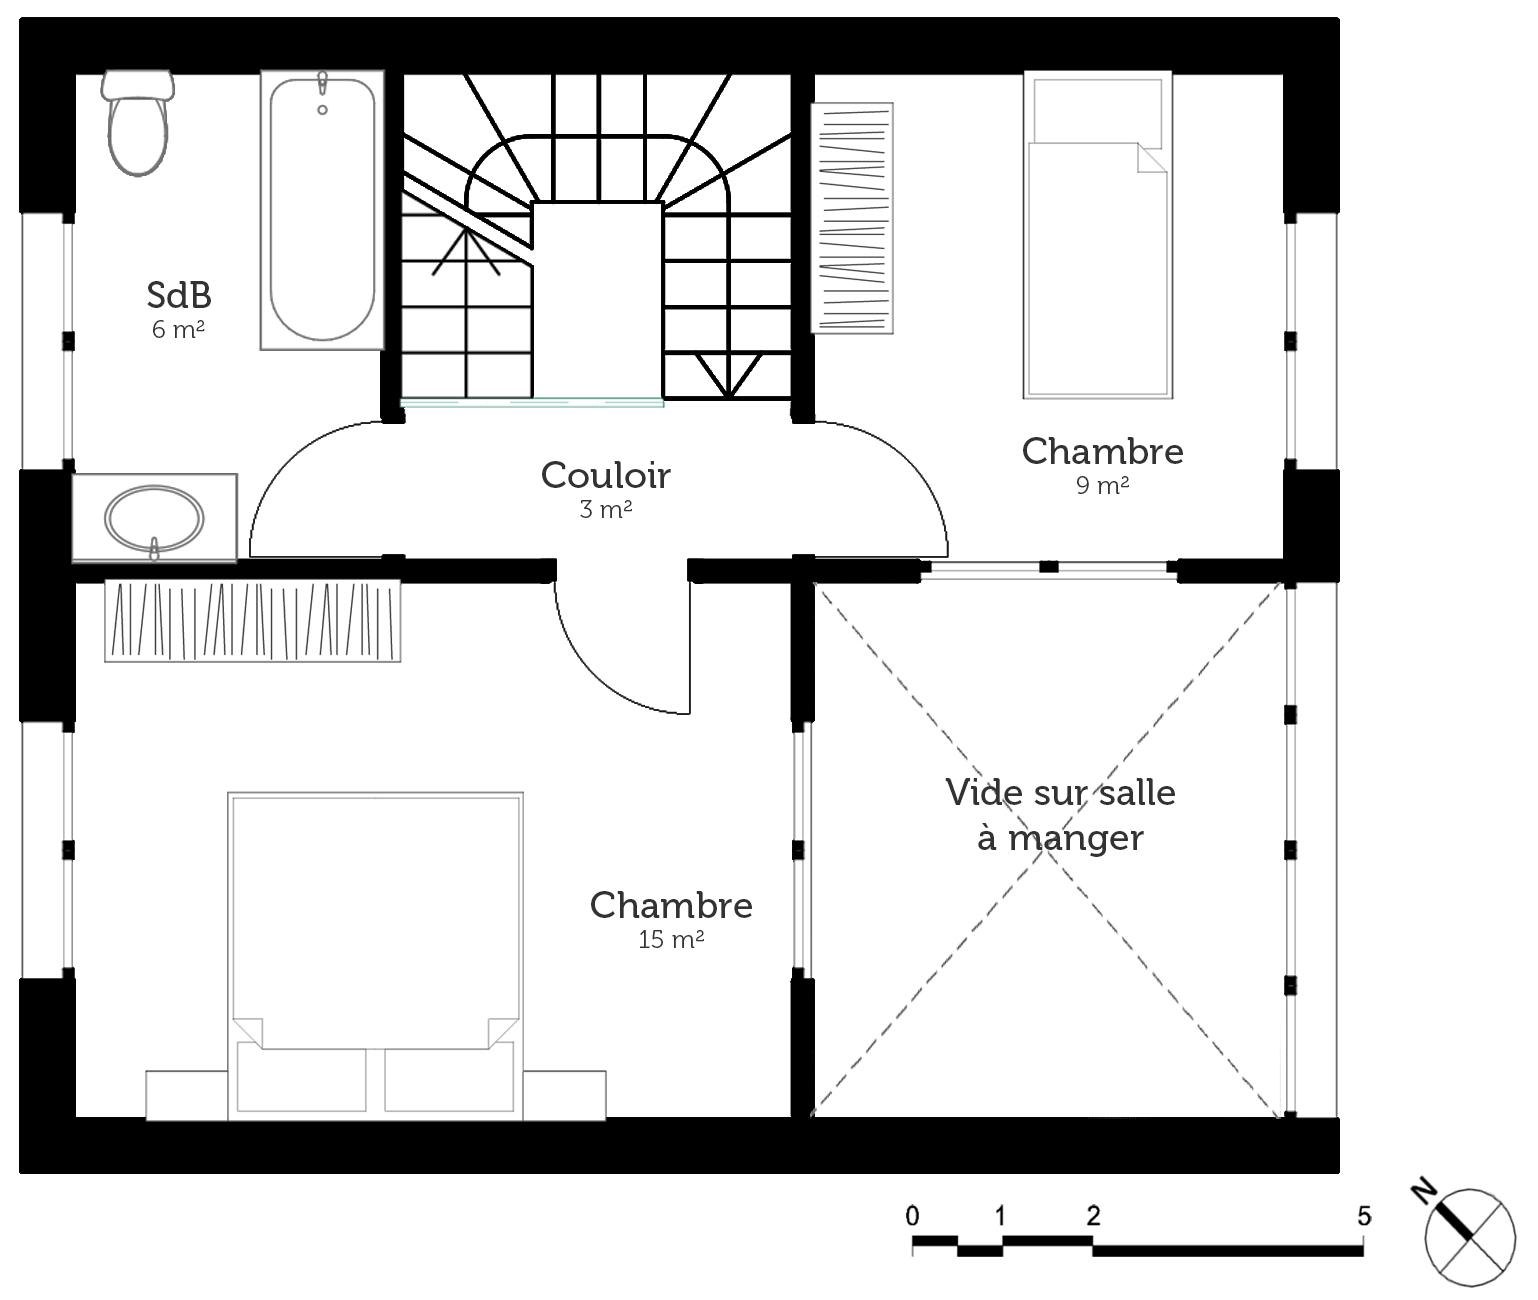 2 Chambre Plans De Maison De Plage Est Incroyable